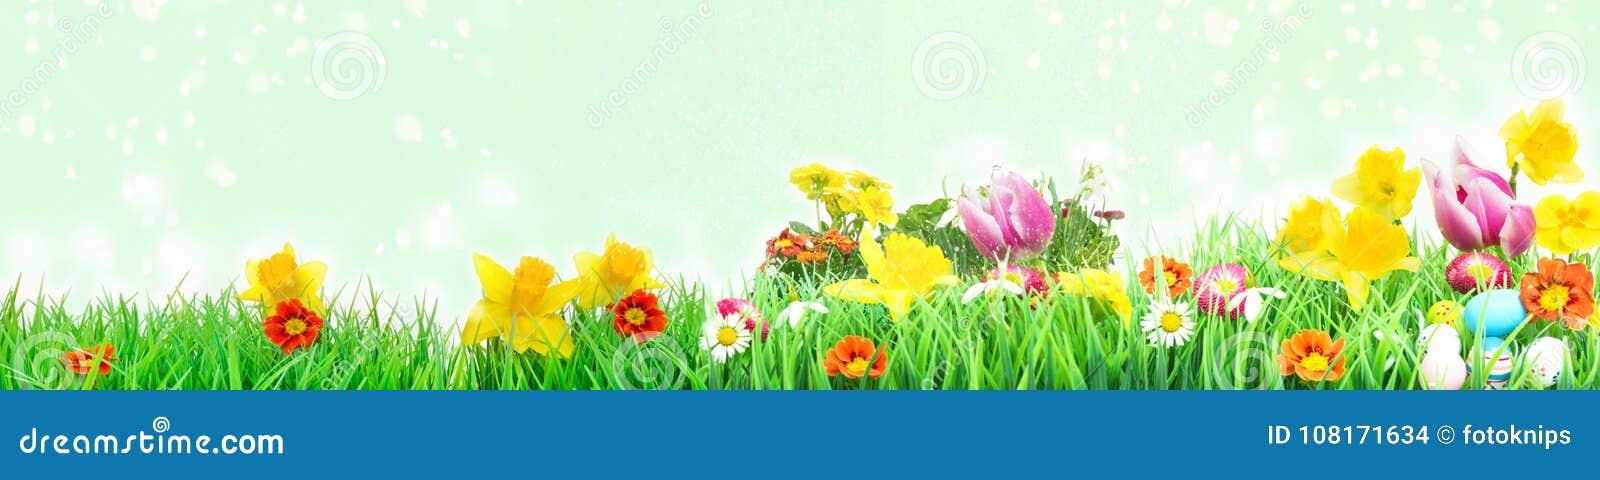 Ostern-Wiese, Blumenwiese mit Tulpen, Narzissen